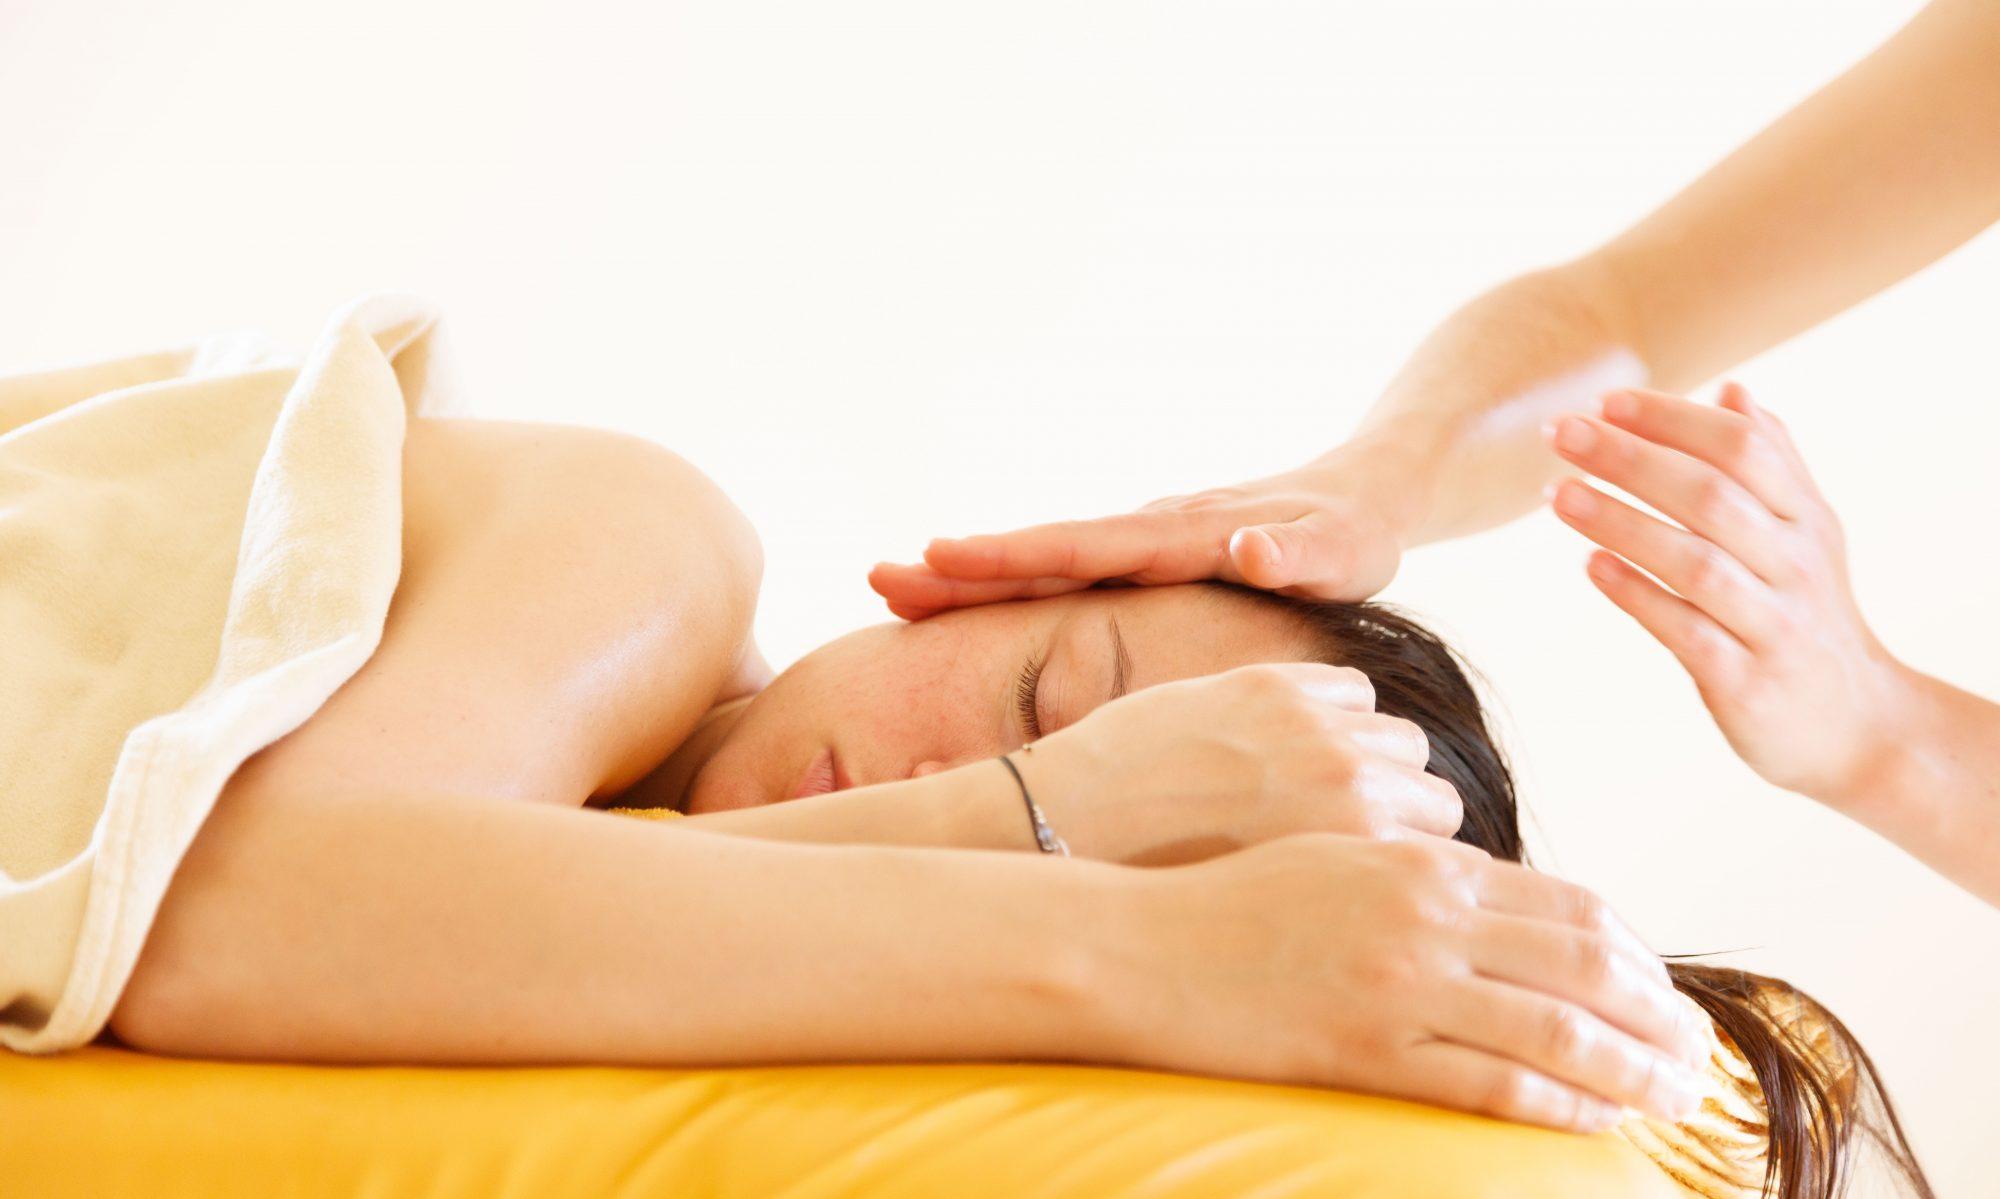 Erstbehandlung zum halben Preis | Hawaiianische Massage in Diessen am Ammersee